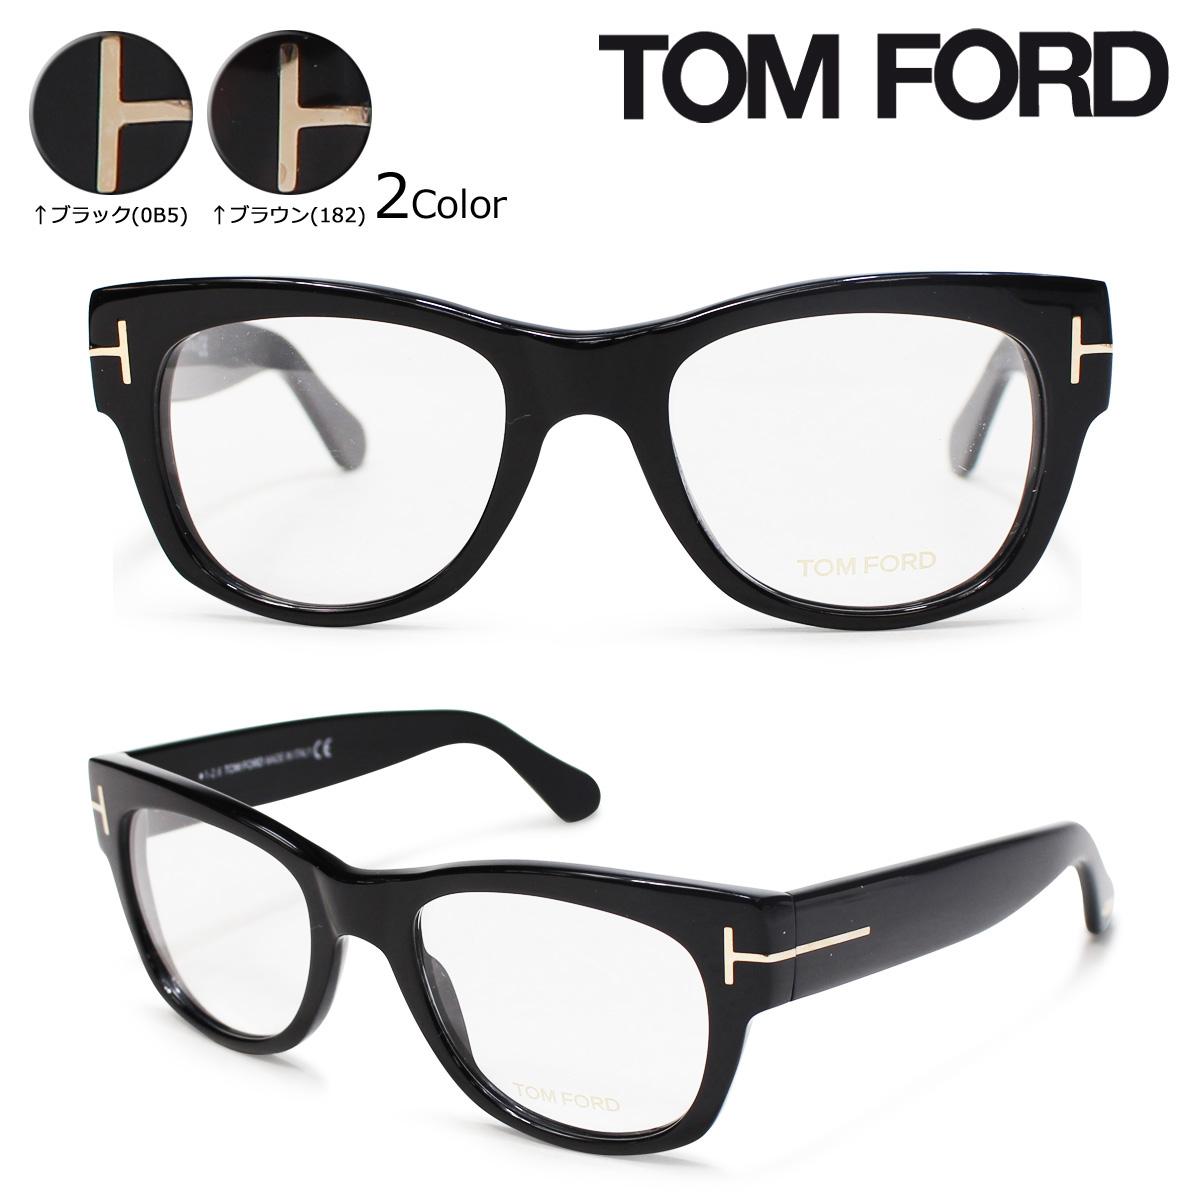 トムフォード TOM FORD メガネ 眼鏡 メンズ レディース アイウェア FT5040 ウェリントン イタリア製